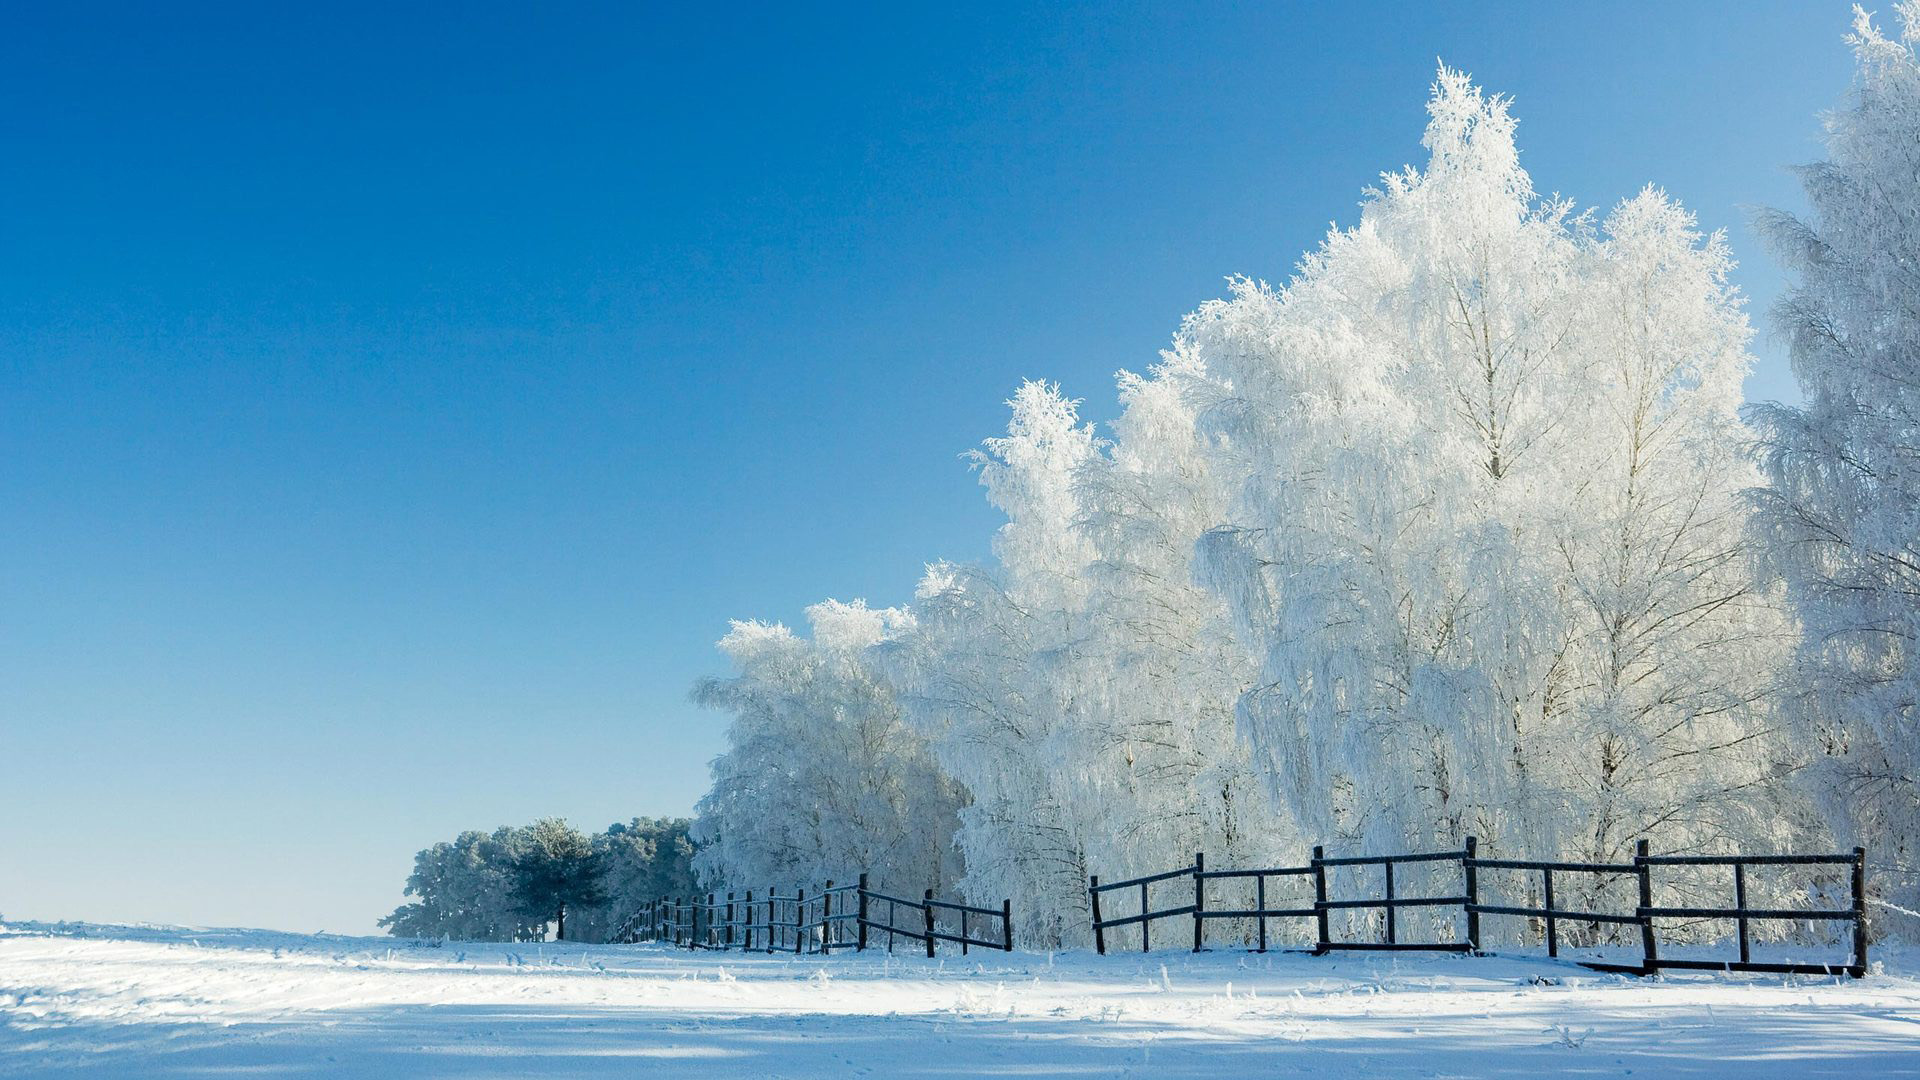 冬季清新唯美雪景桌面壁纸